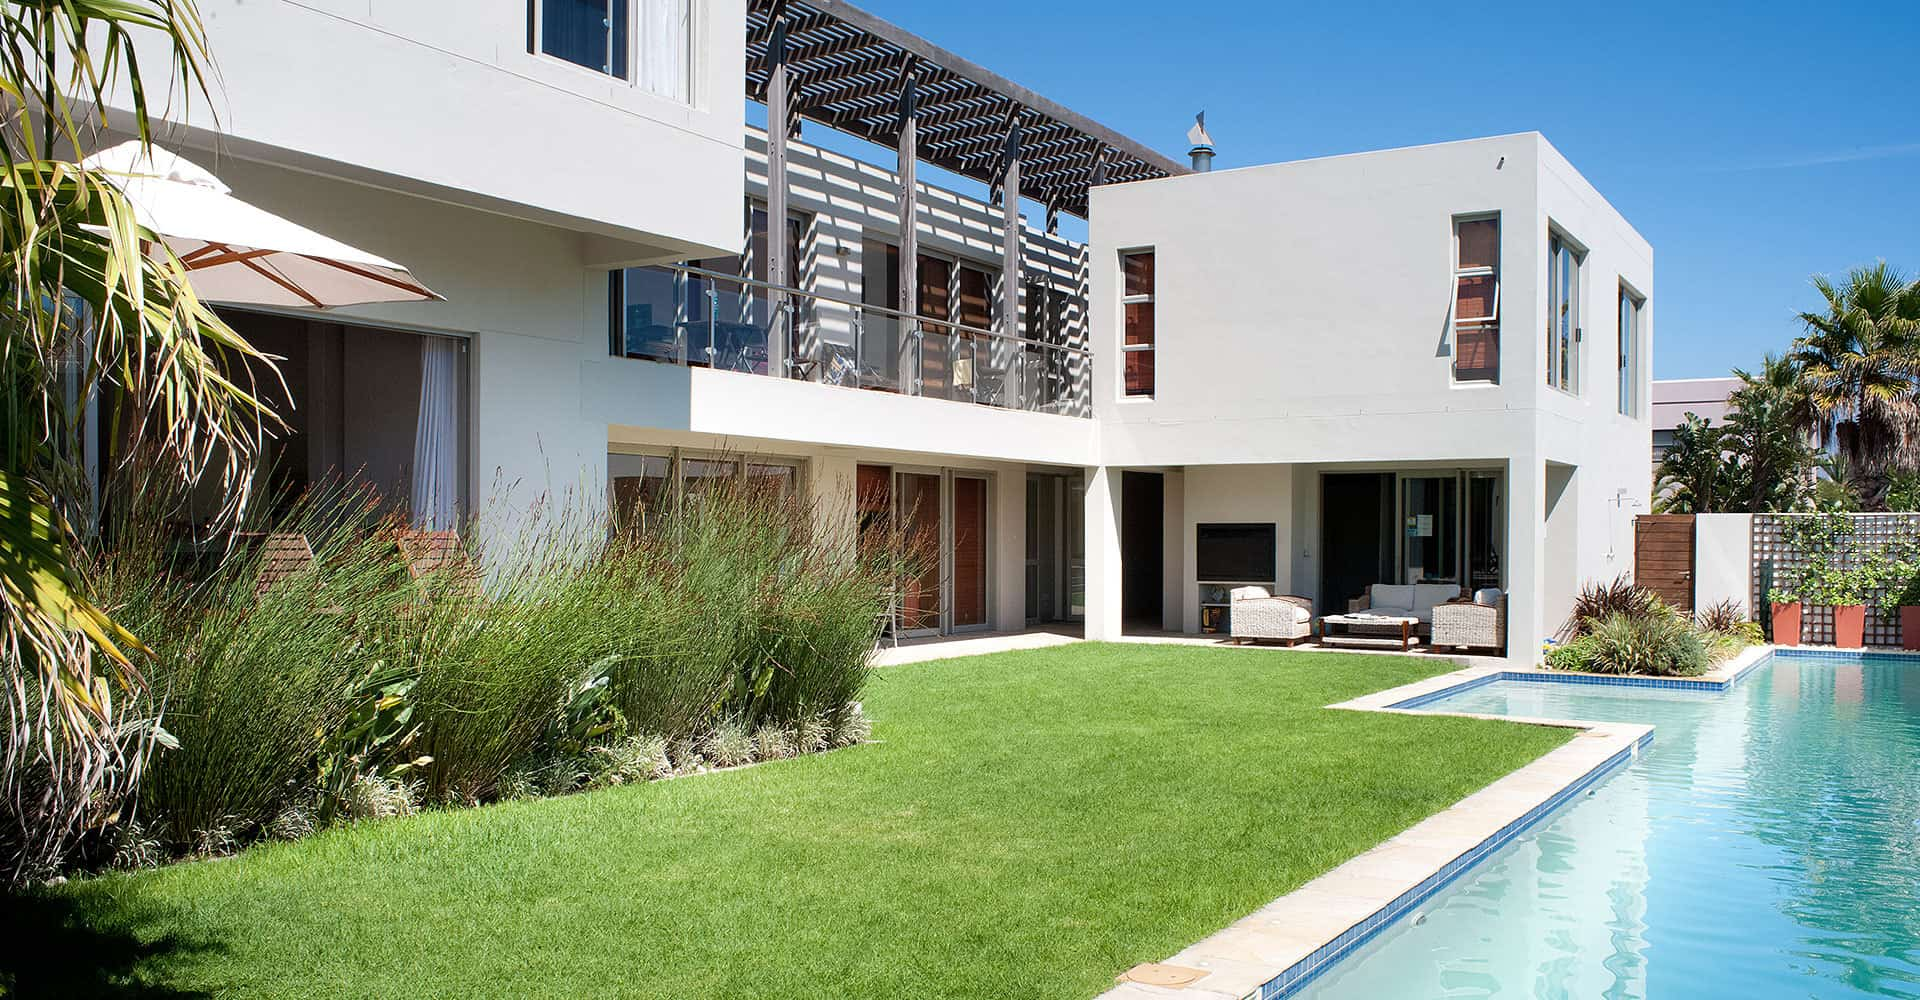 da Heim Guesthouse Pool und Garten